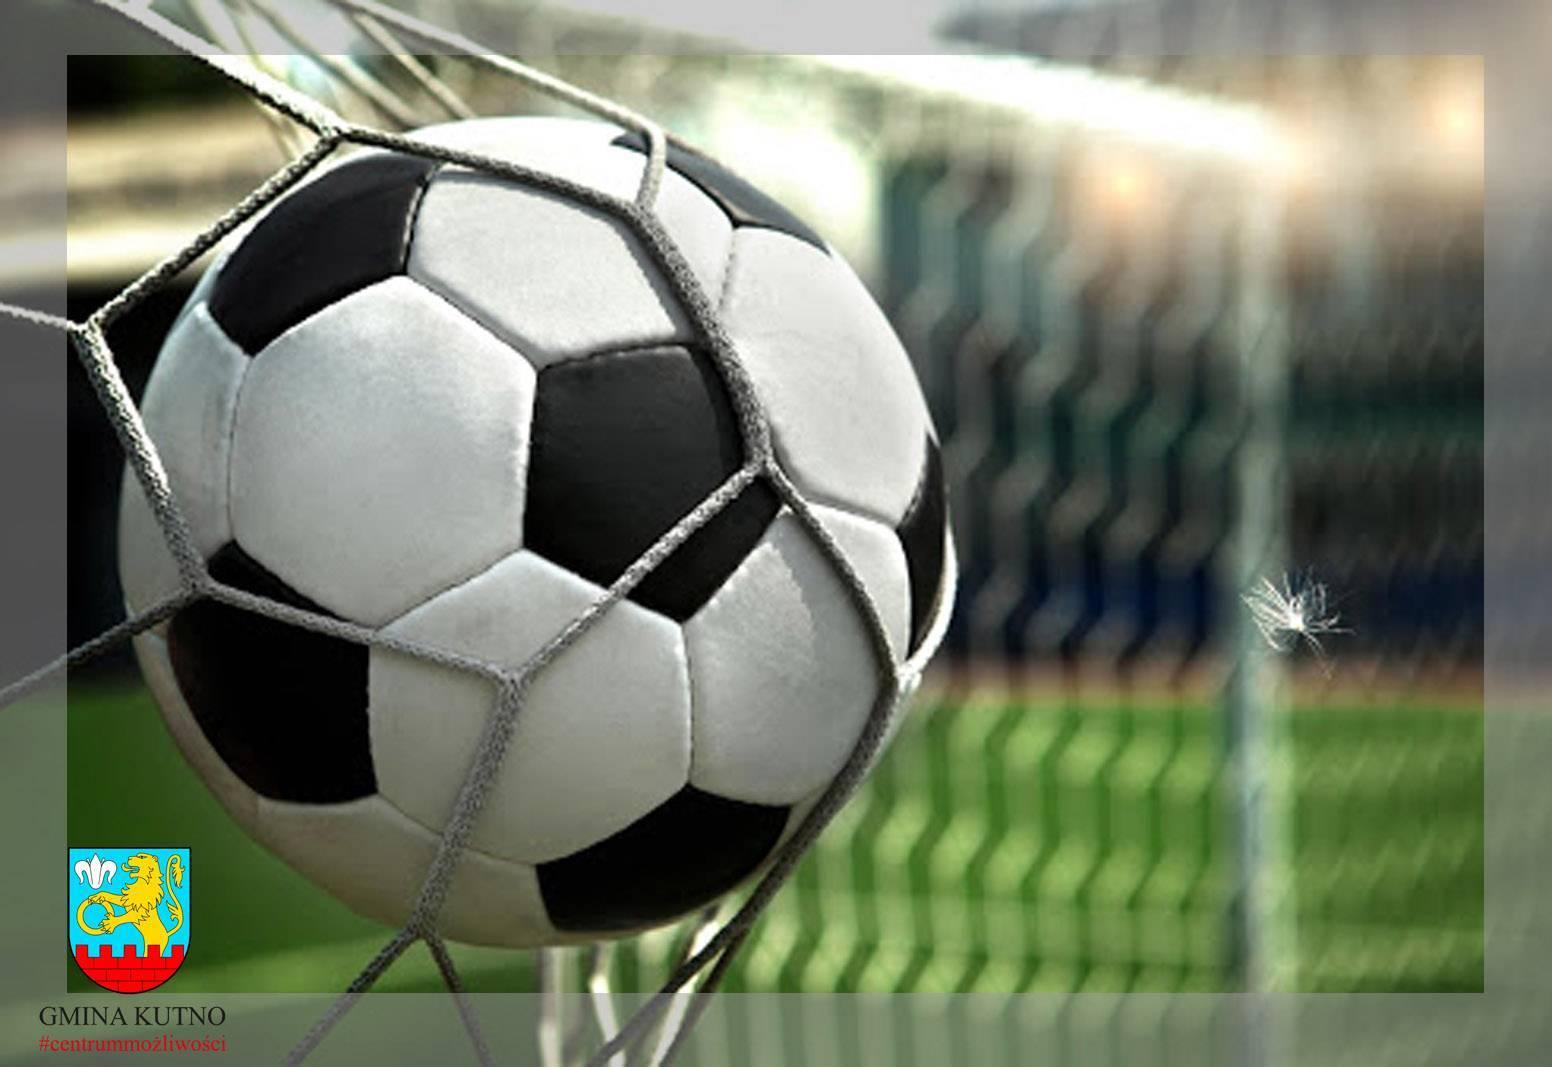 Piłkarskie zmagania w Strzegocinie. Będą walczyć o Puchar Wójt Gminy Kutno - Zdjęcie główne